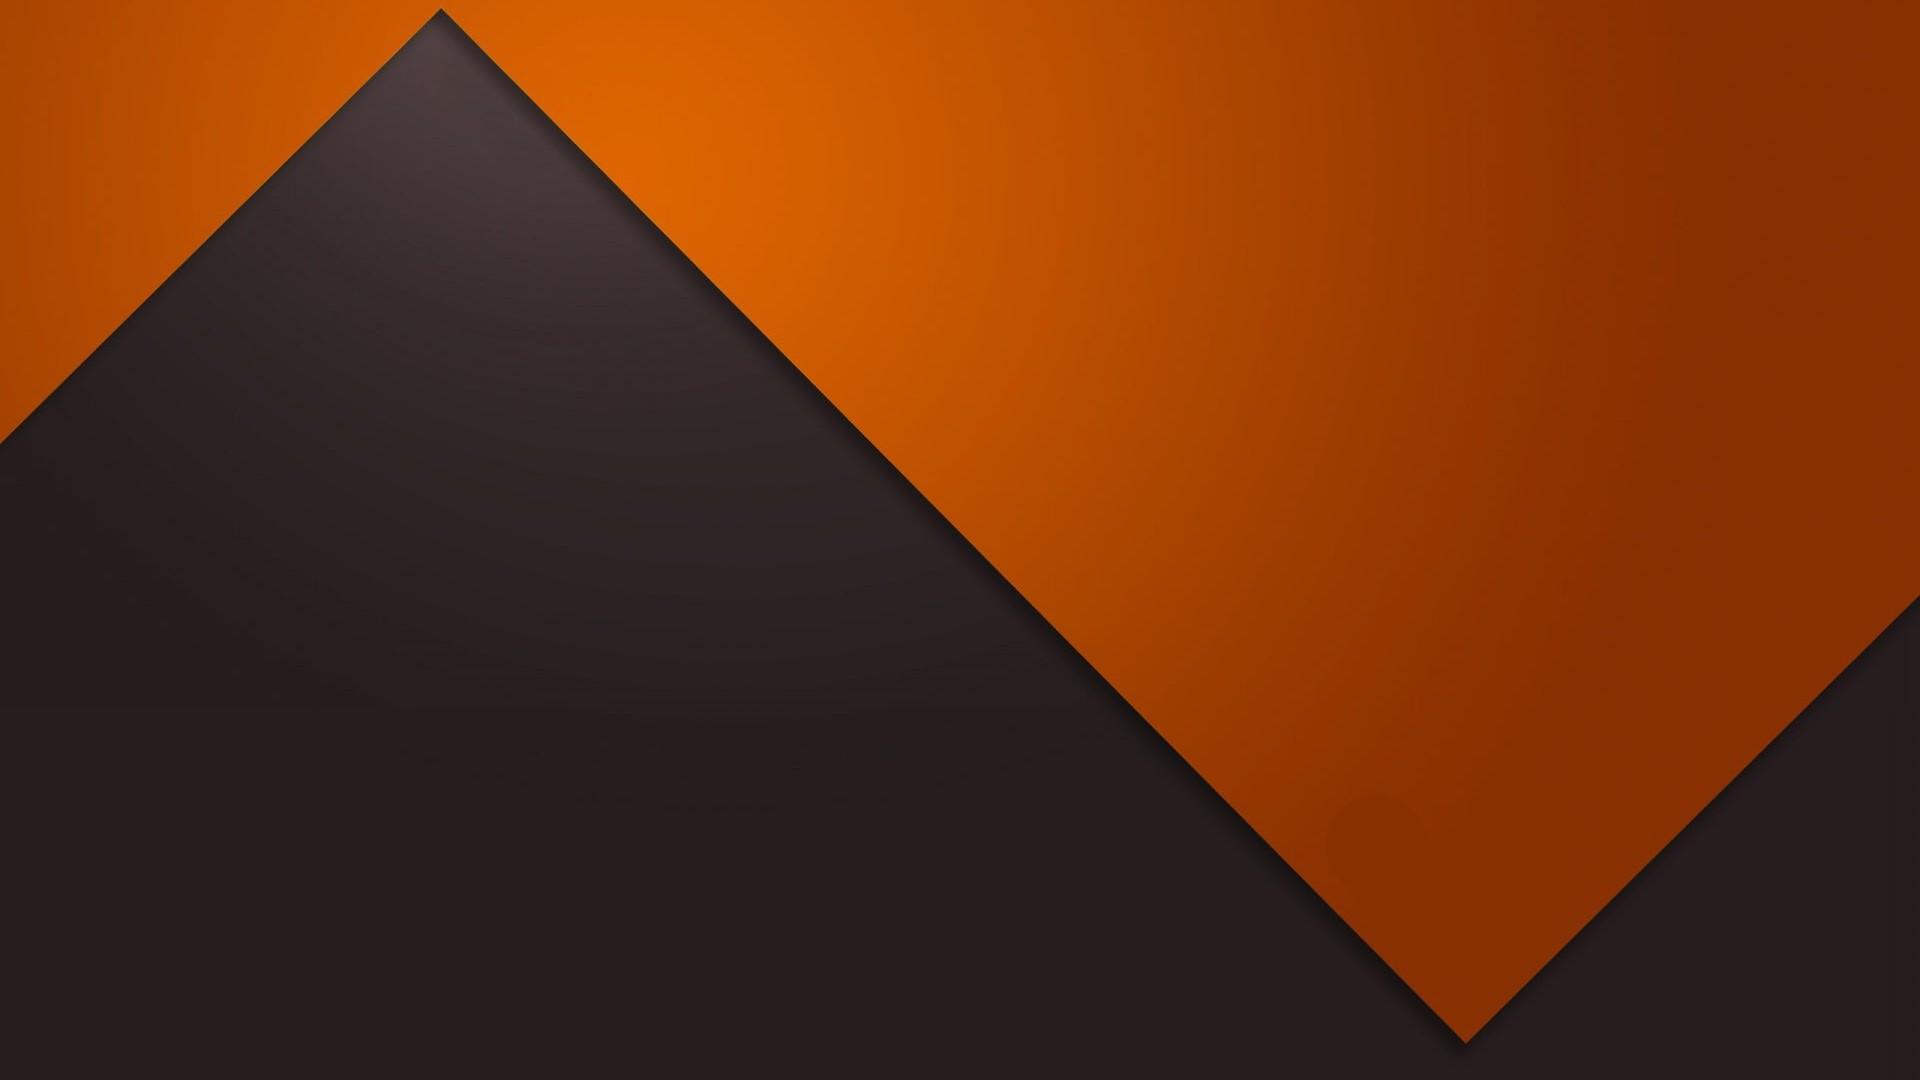 Orange and grey wallpaper wallpapersafari - Dark orange wallpaper ...